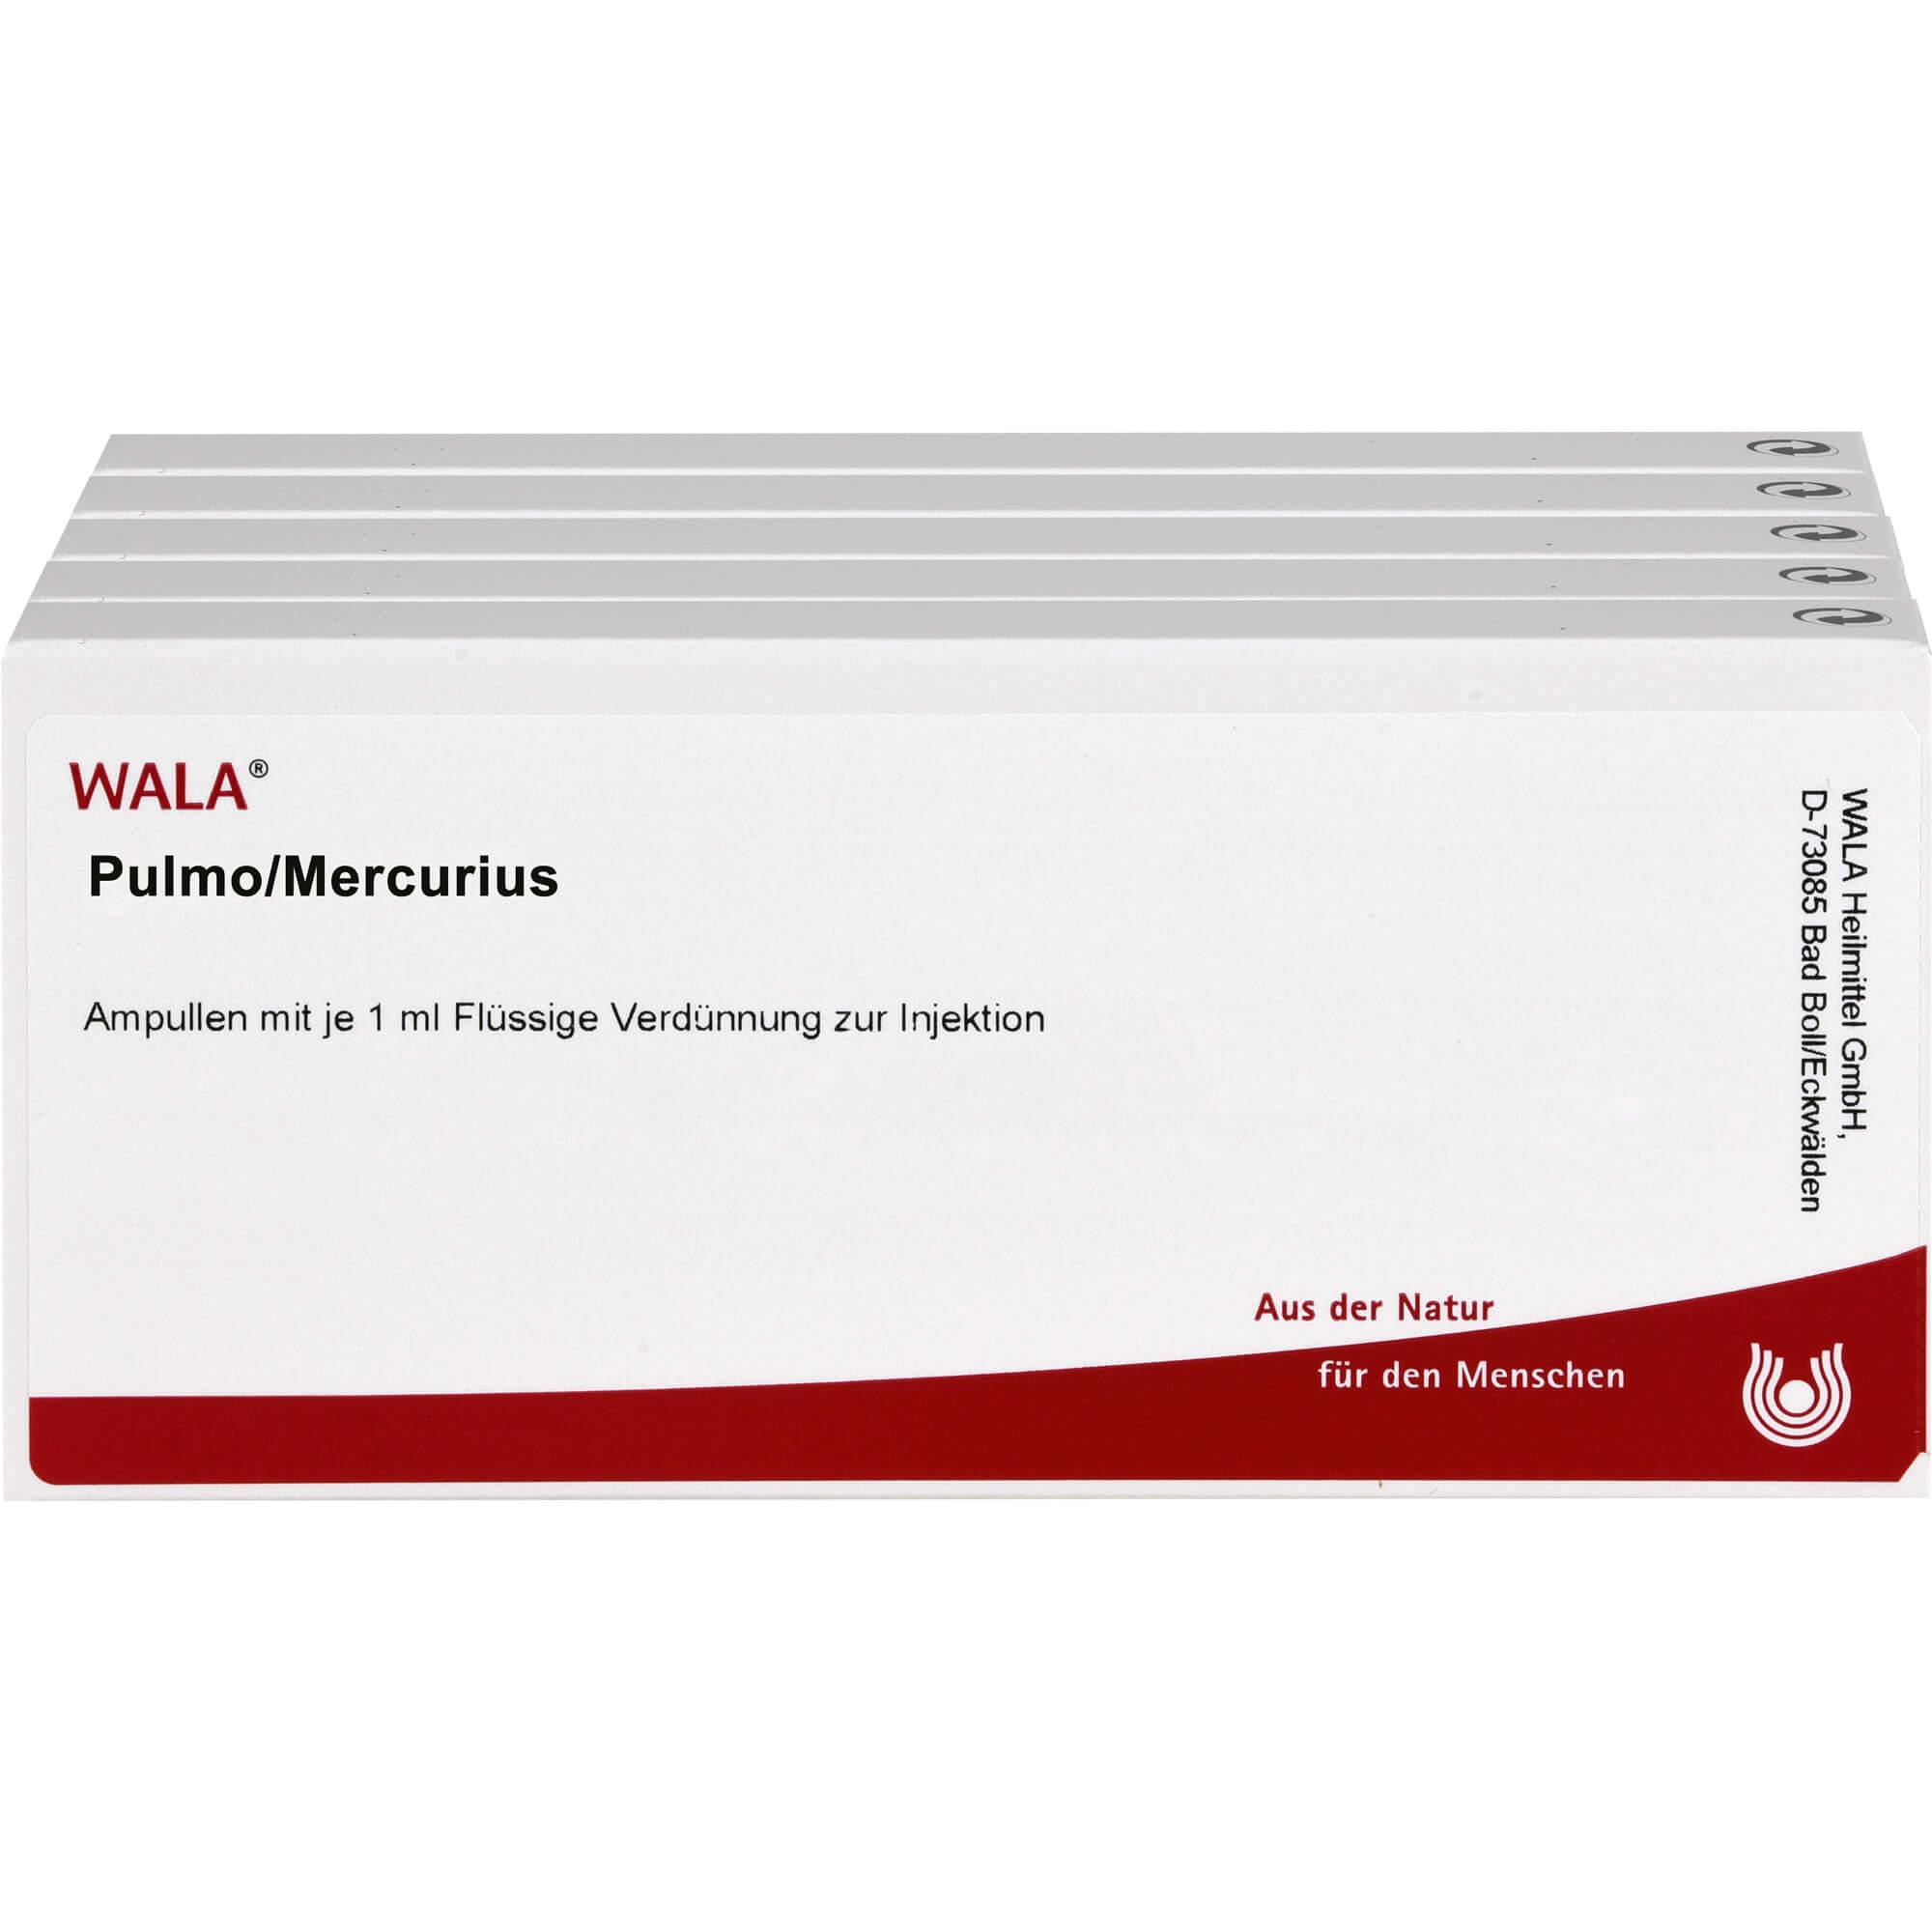 PULMO/MERCURIUS Ampullen